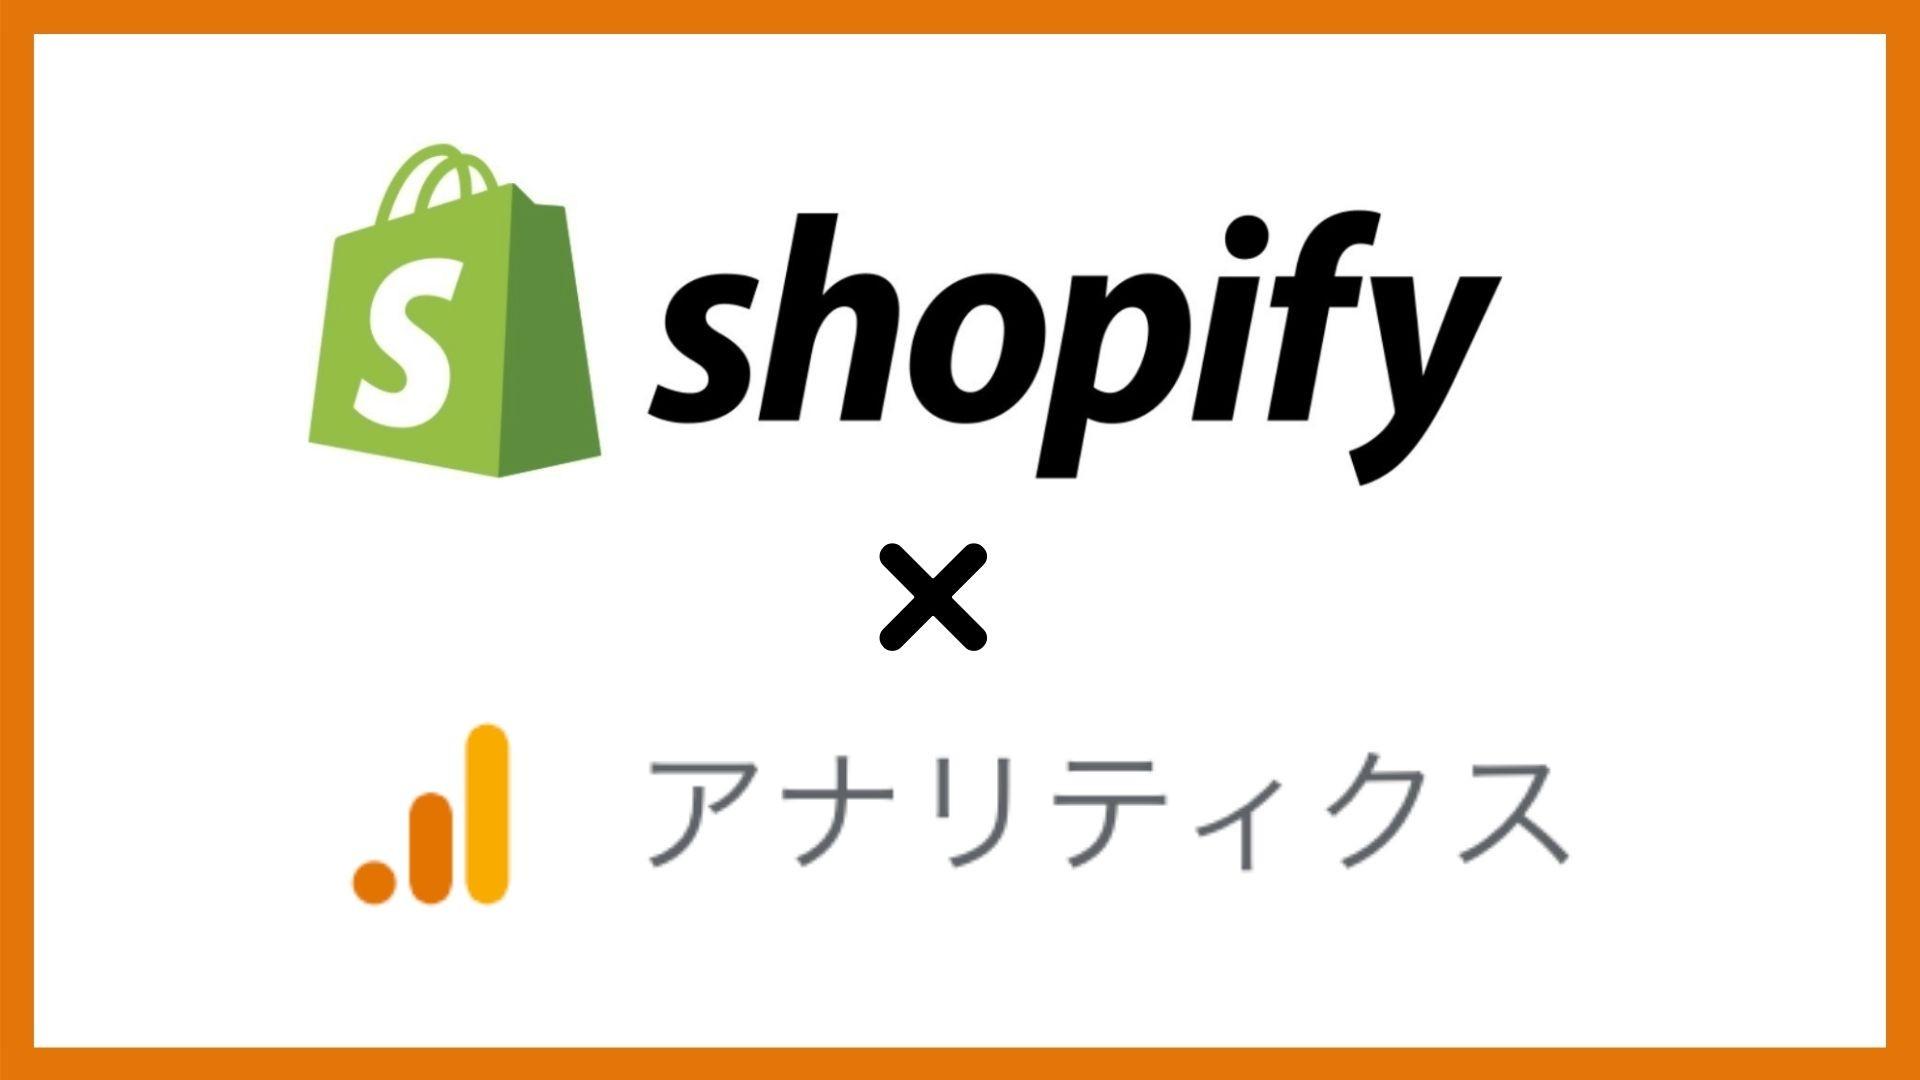 ShopifyへのGoogleアナリティクス設定方法!使い方やサーチコンソールも解説